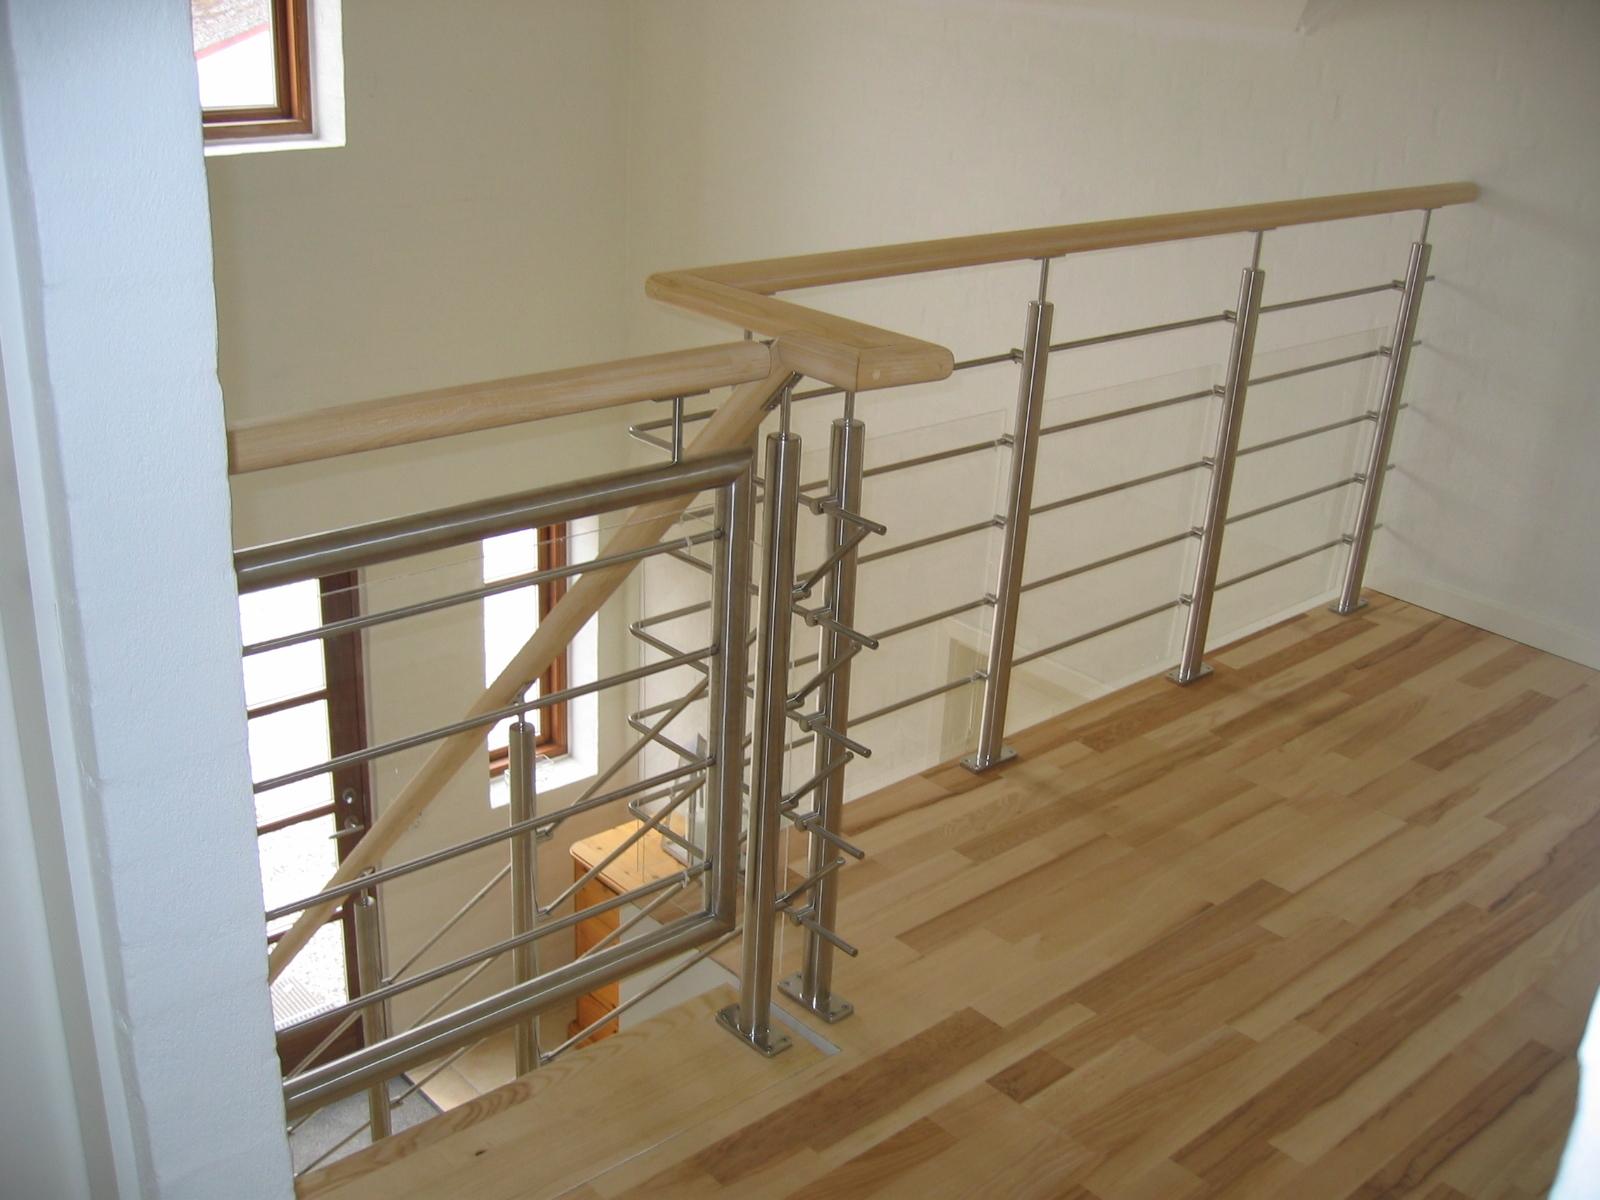 Rækværk til trappe udført i rustfast stål, træ og glas.